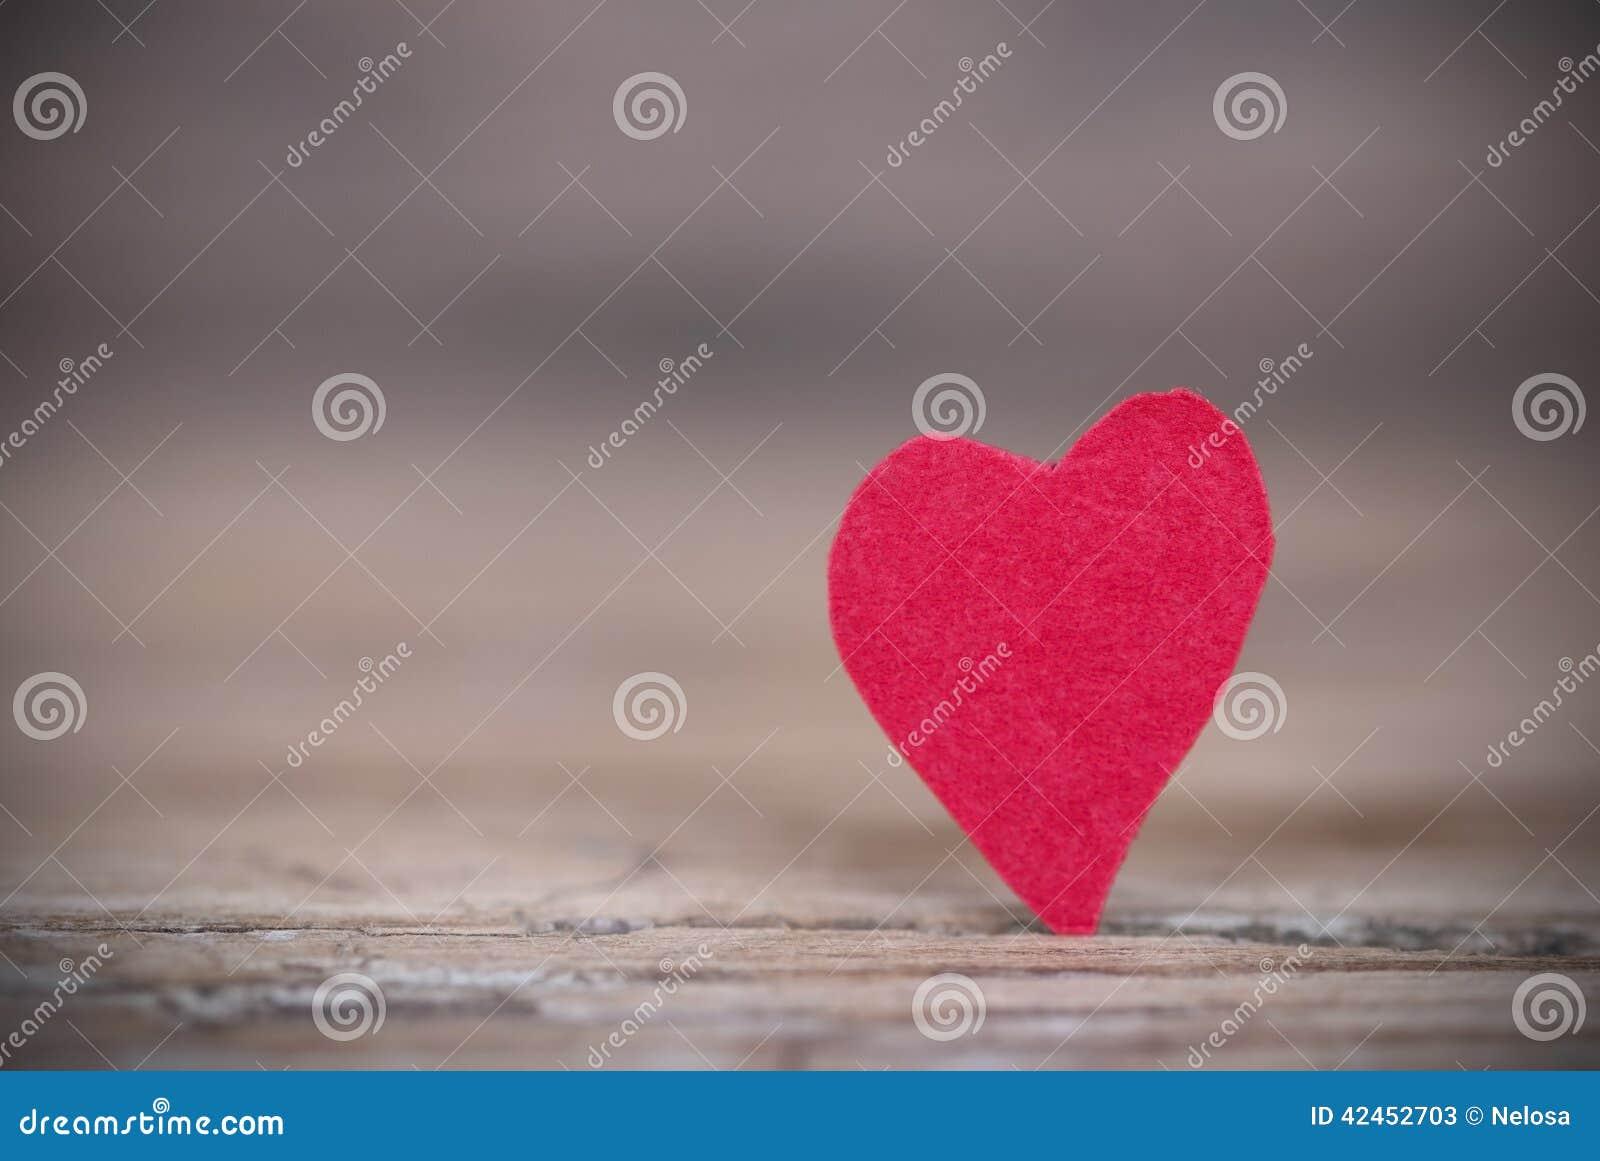 Hintergrund mit einem roten Herzen